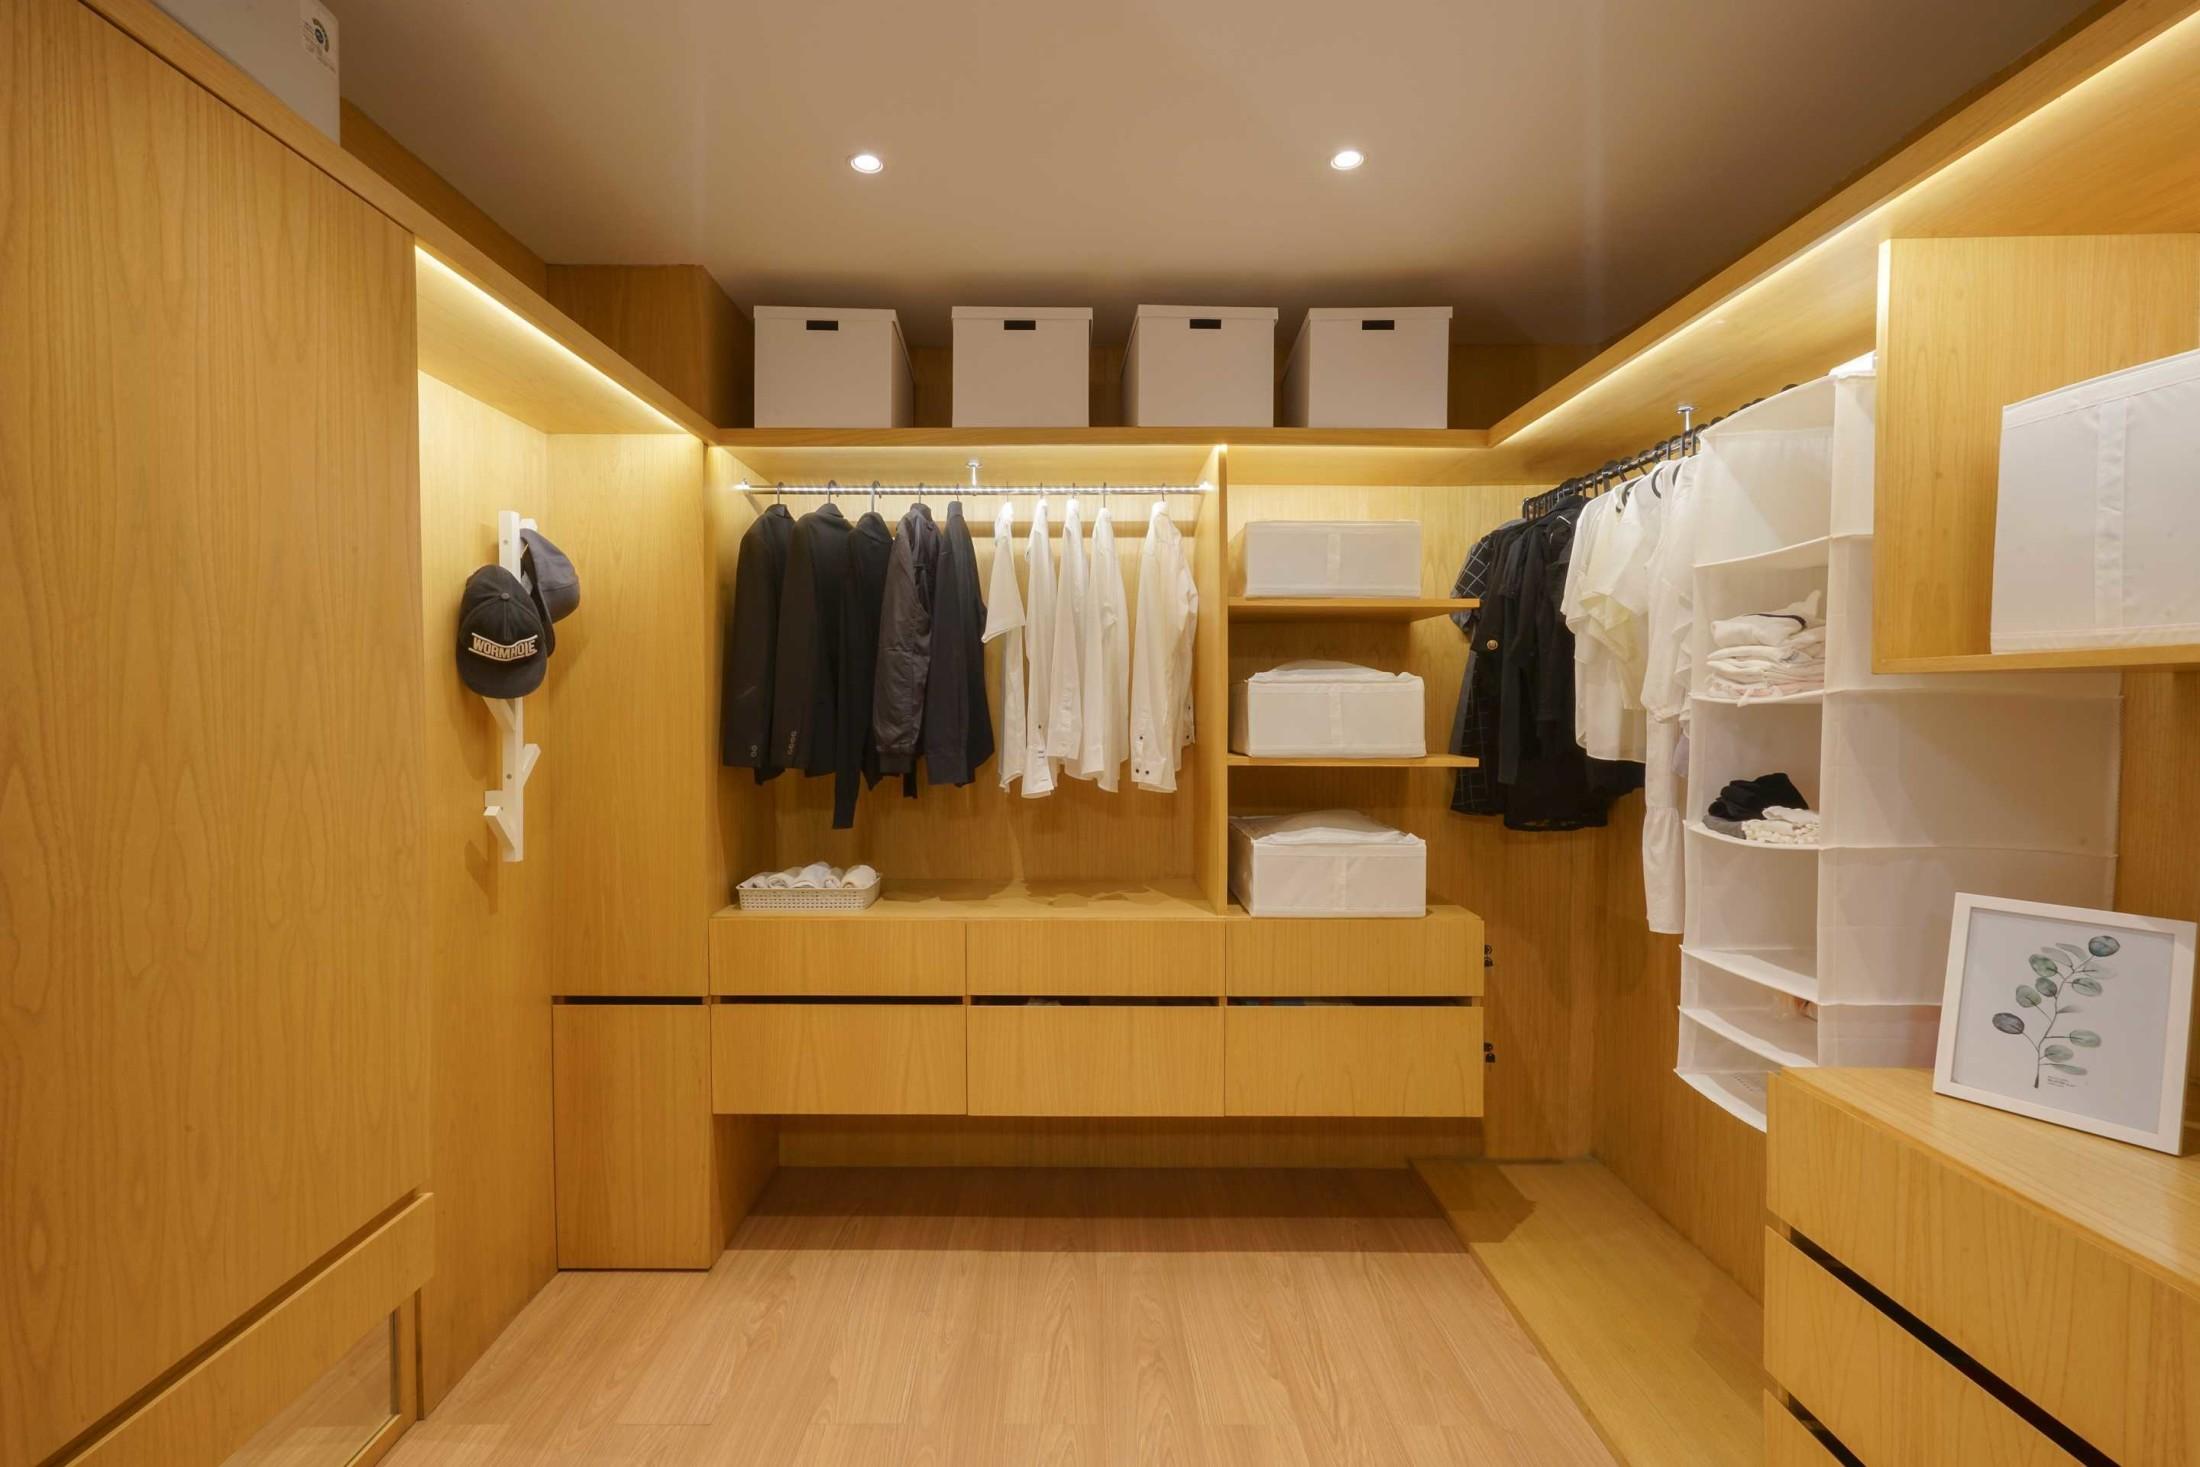 Manfaatkan perabotan untuk menampilkan garis-garis yang memperkuat kesan minimalis (Sumber: arsitag.com)